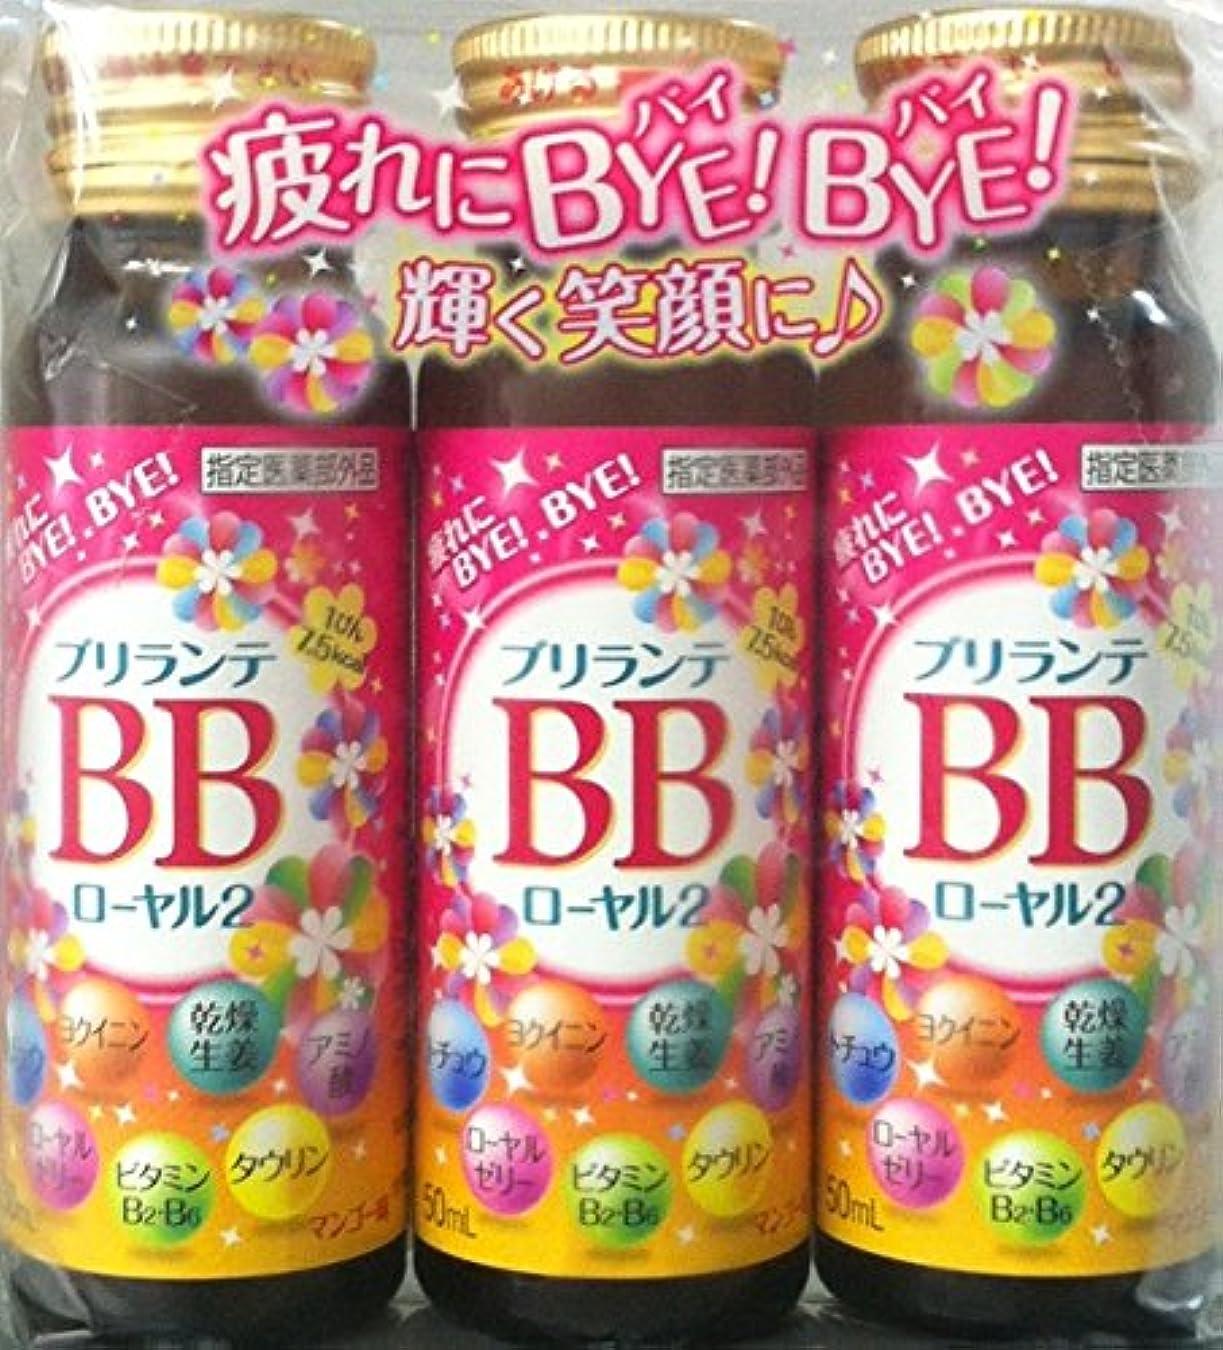 ご覧ください破産最後に阪本漢法製薬 ブリランテBBローヤル2 50ml×3本セット